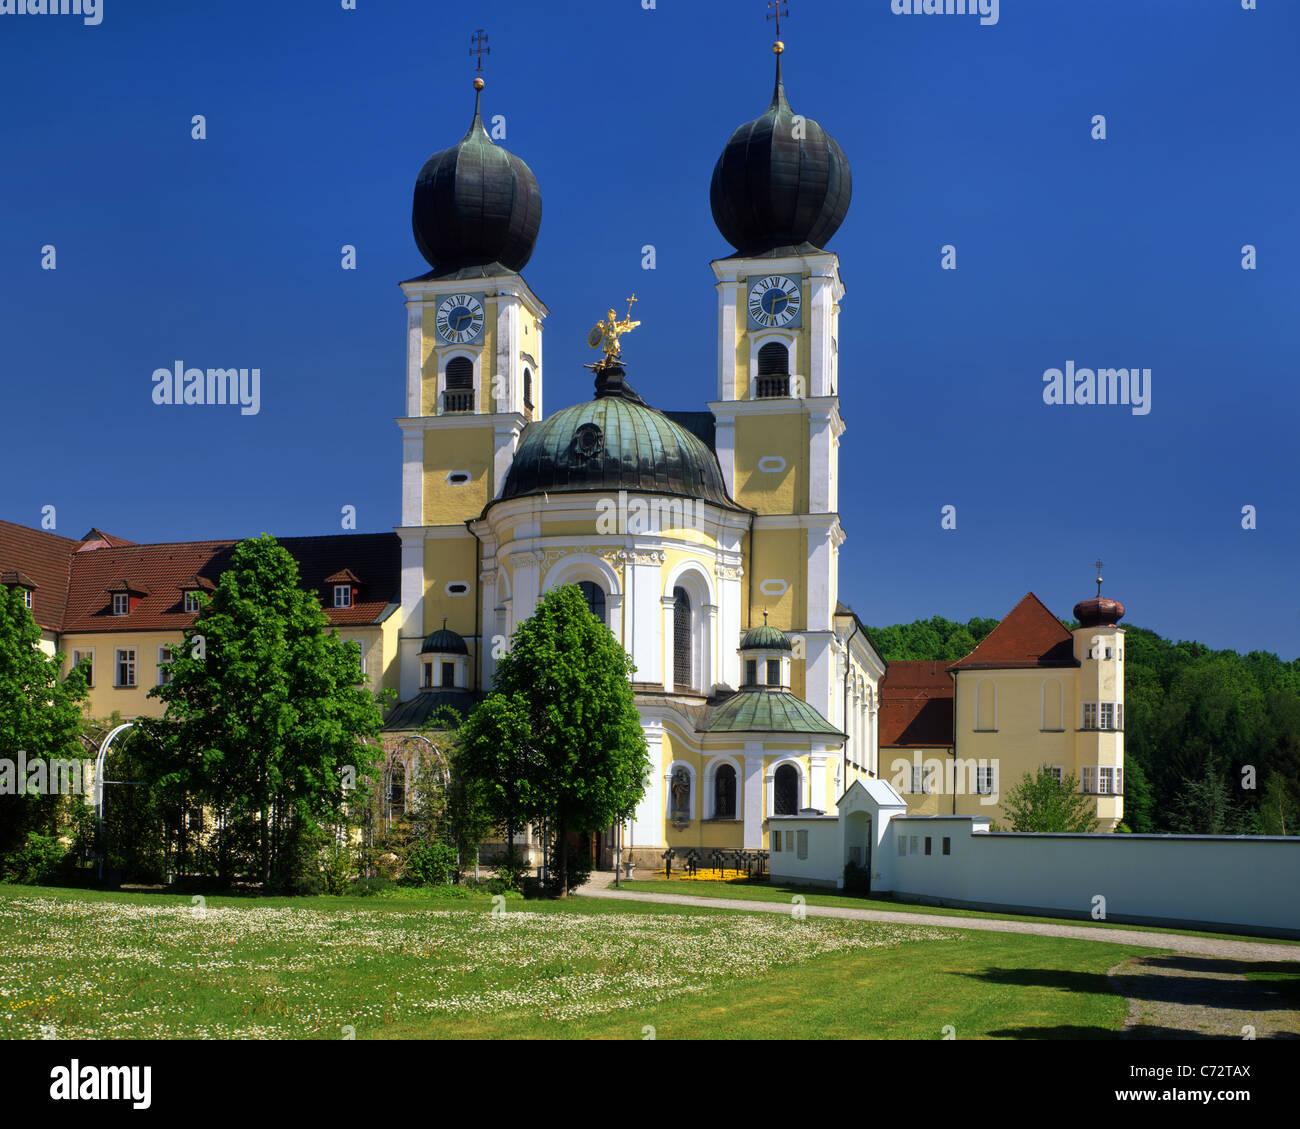 DE - Bayern: Kloster-Kirche St. Michael in Metten an der Donau Stockbild